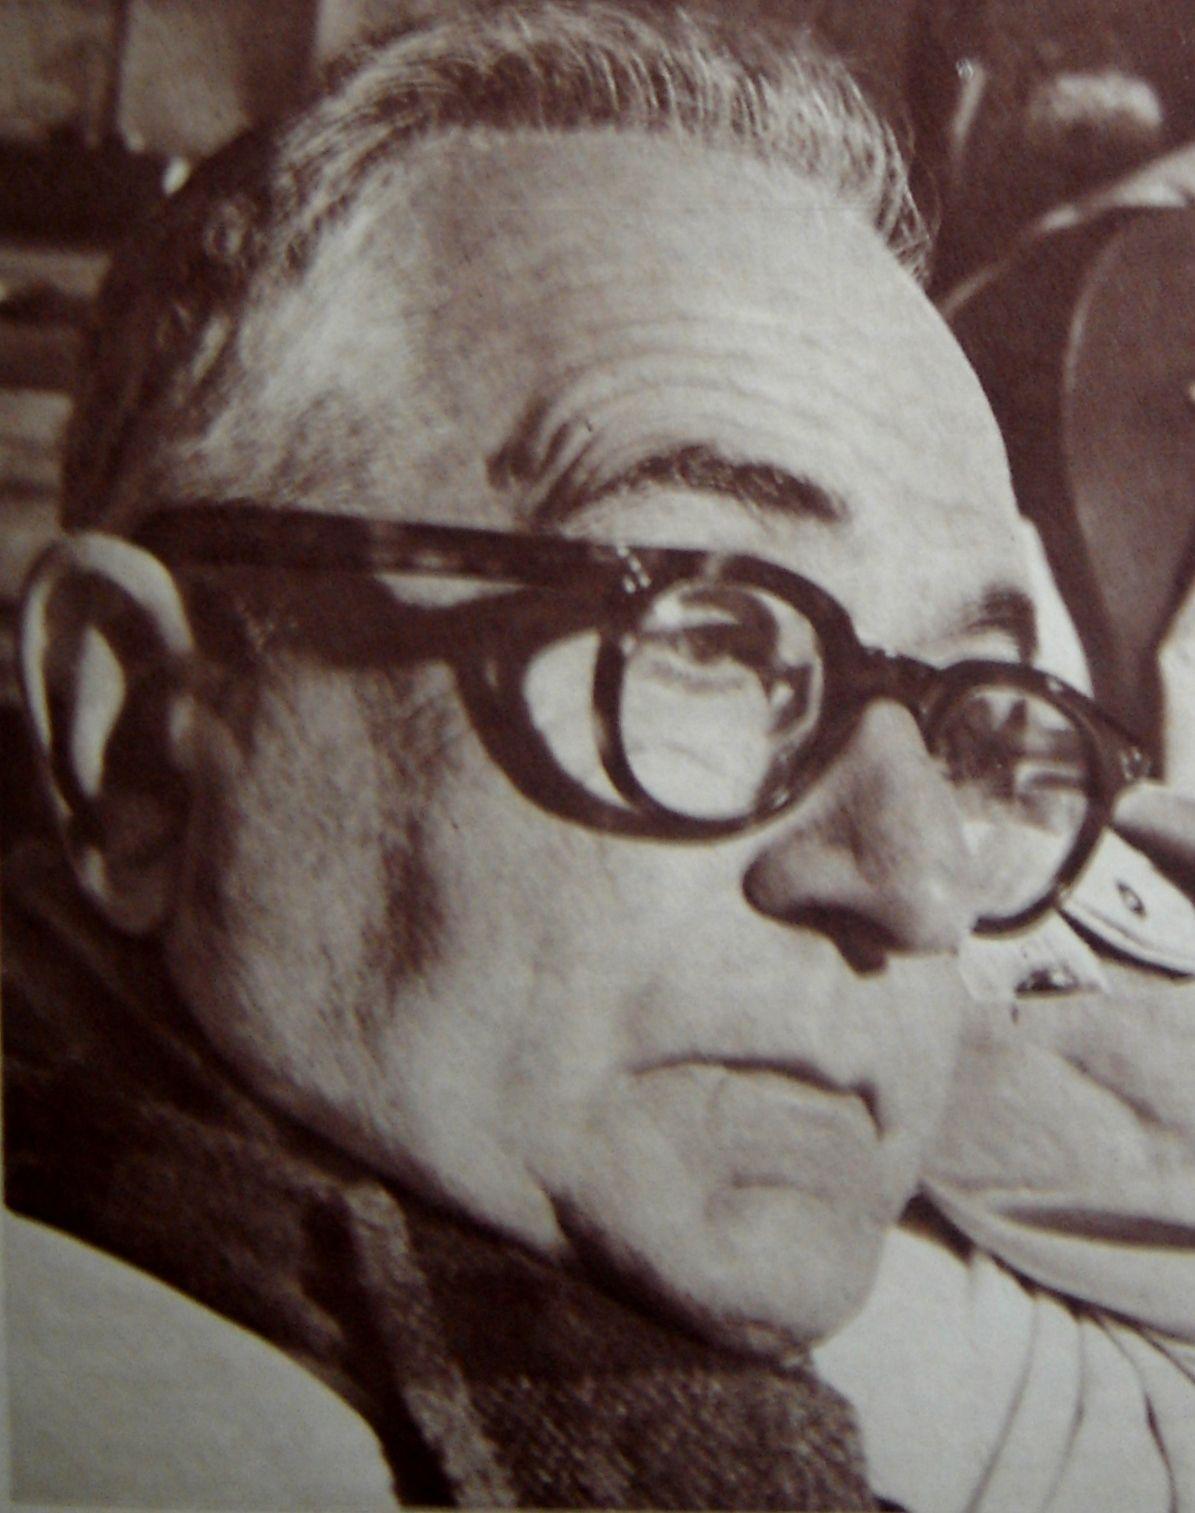 """Vargas amargou um """"exílio"""" de 5 anos na sua fazenda de Itu em São Boja. Lá viveu como um estacieiro de fronteira, longe de tudo e de todos, preparando seu retorno nos braços do povo, para ser lider de massas."""